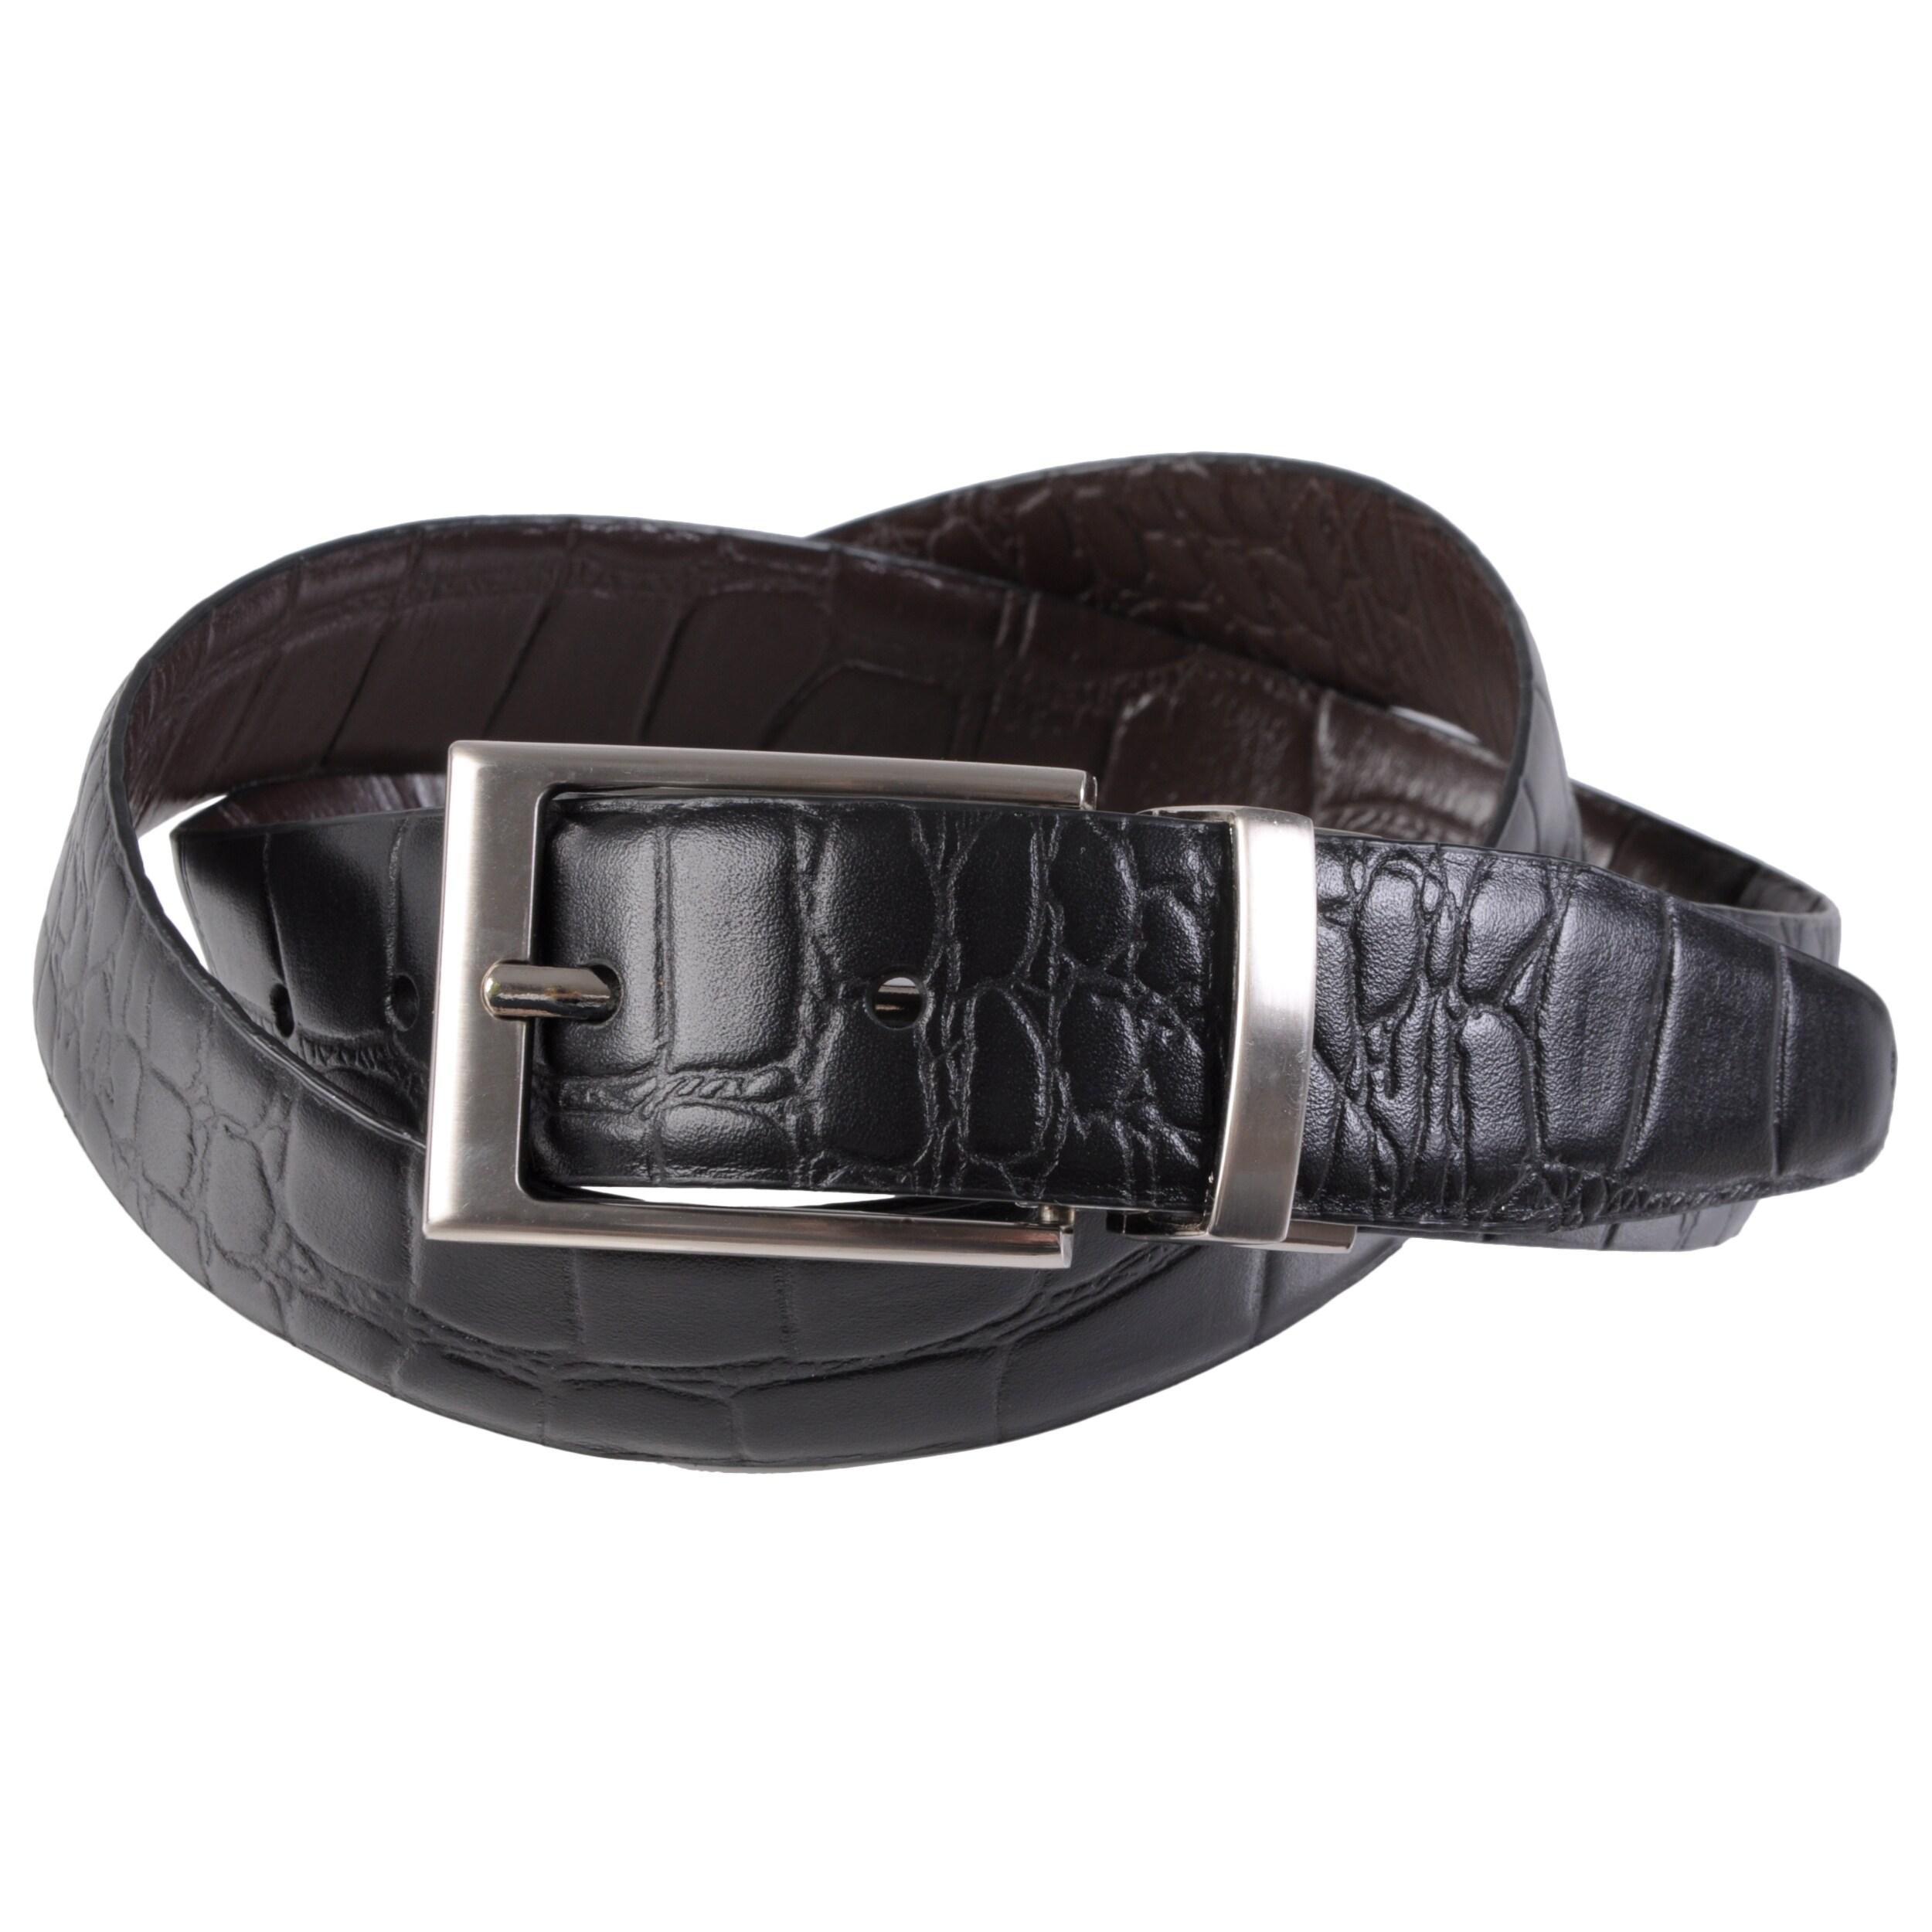 Joseph Abboud Men's Topstitched Croc Print Reversible Leather Belt